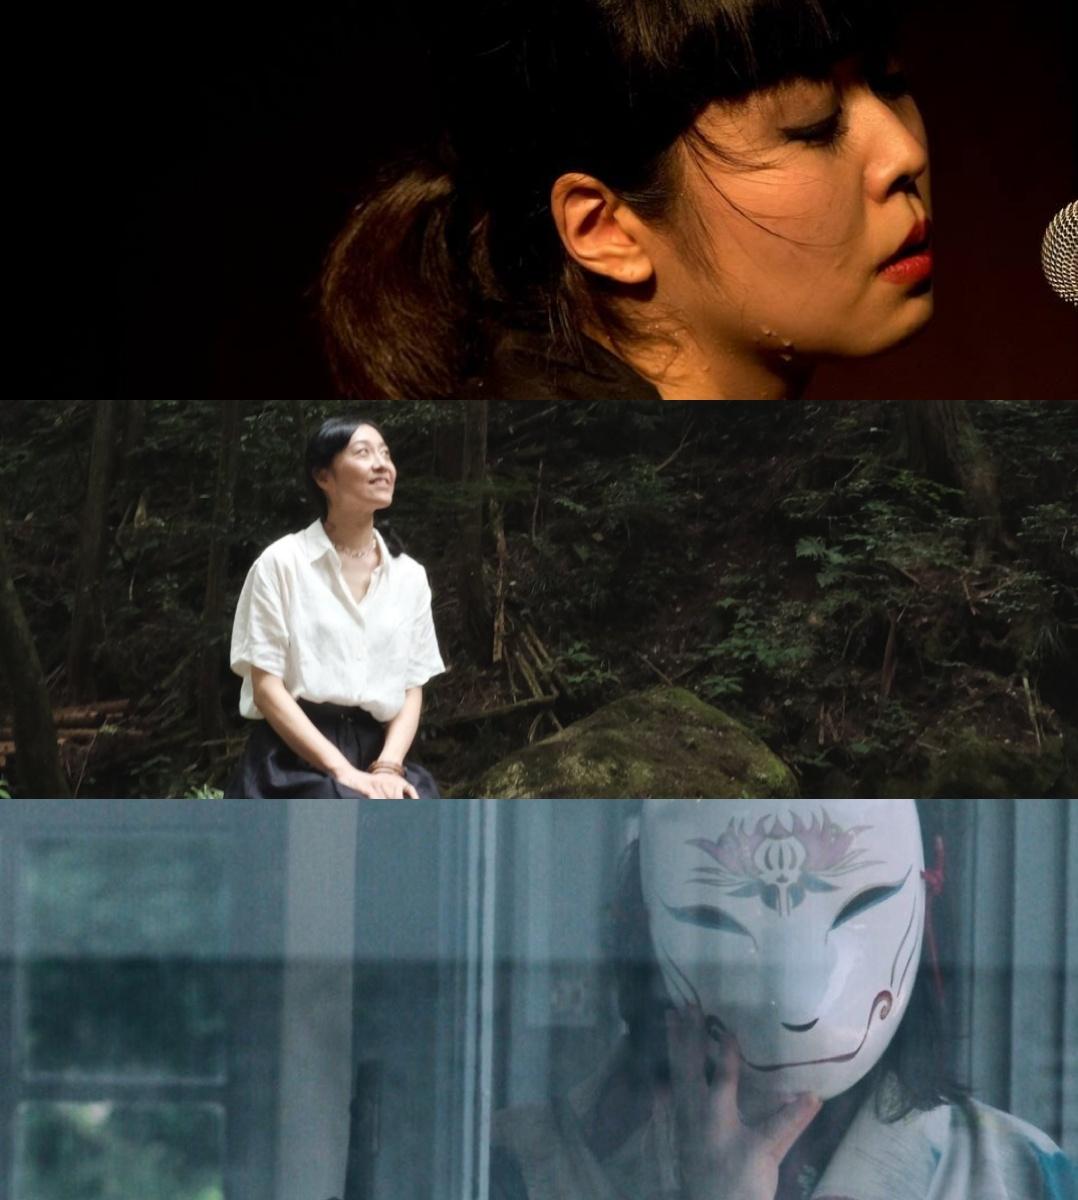 『彼女が詩人になるまえに』出演:藤原愛 / いたづらマニア / 薗田雅子